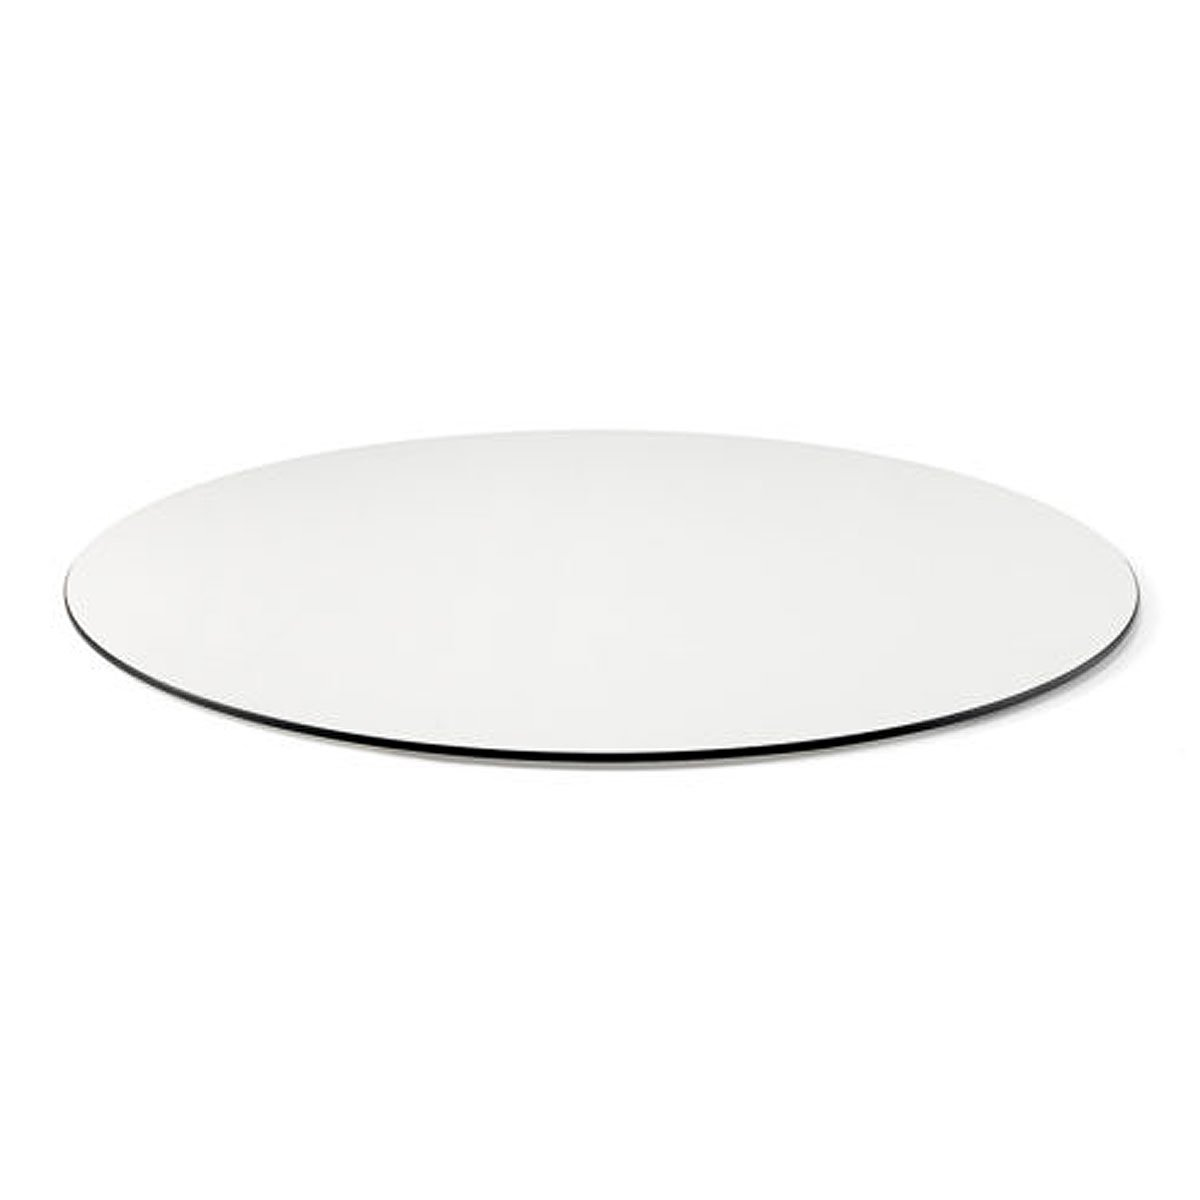 Piano tavolo tondo in laminato • Ø79cm • Spessore 1cm • EdO